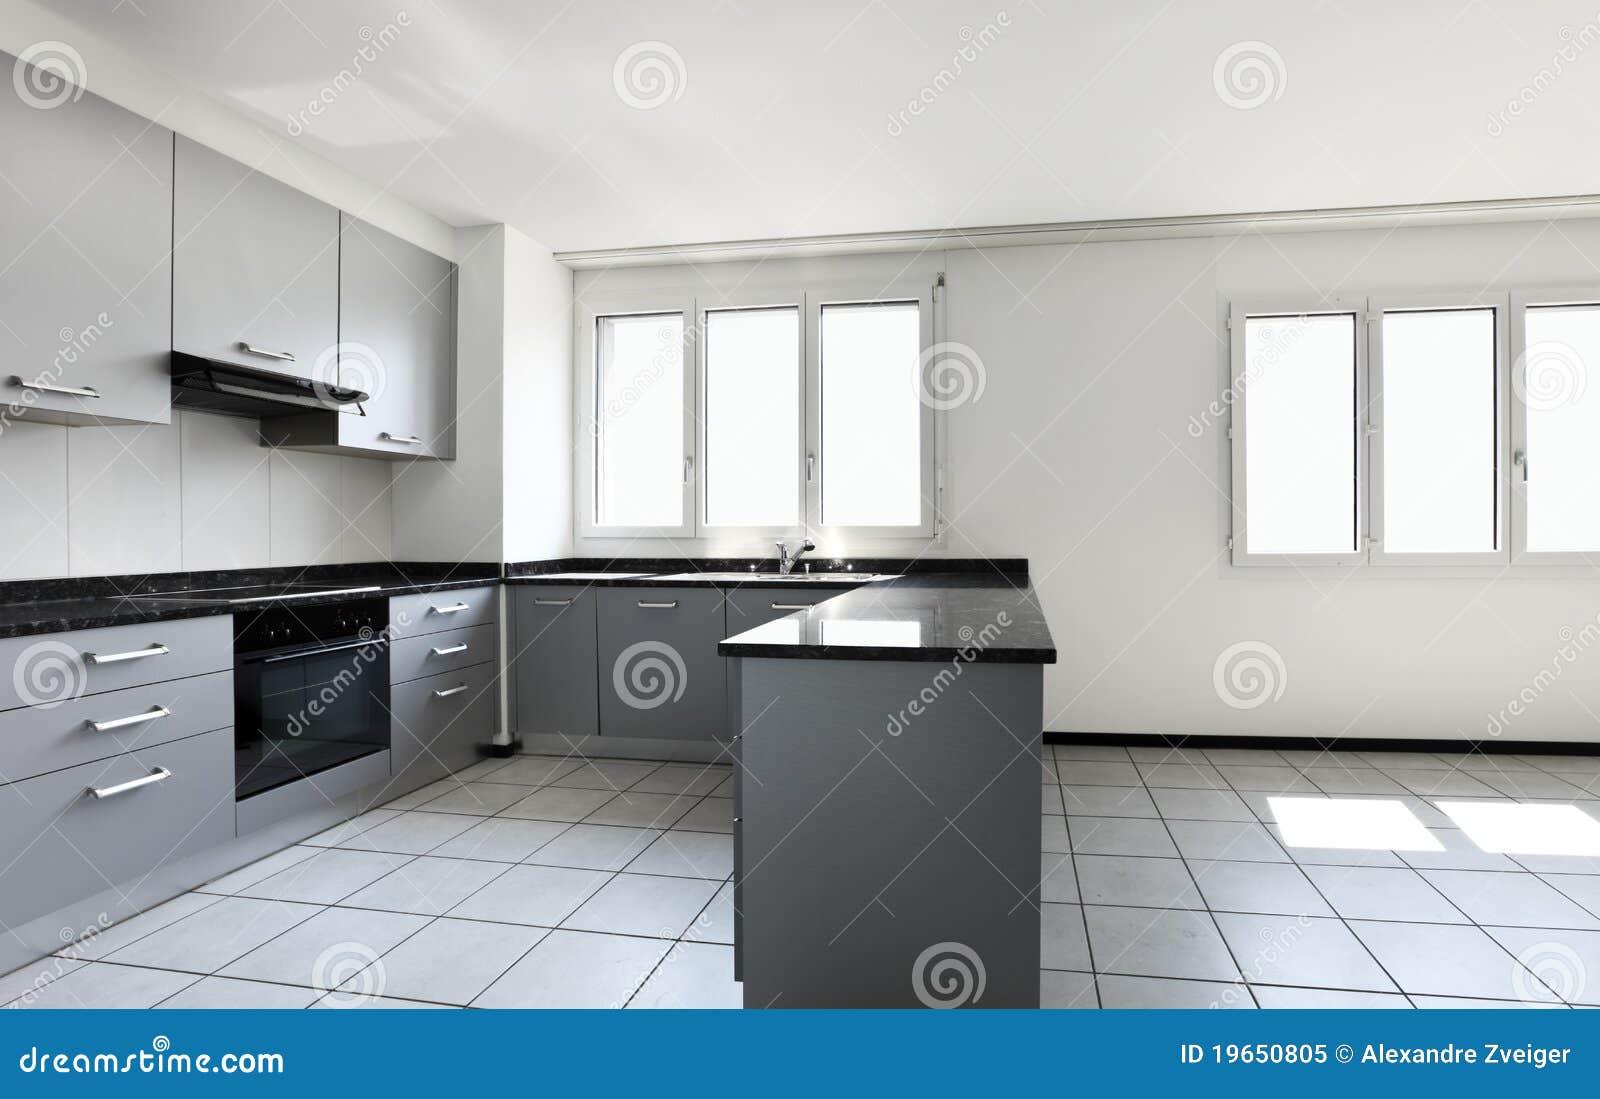 Apartamento Novo Cozinha Vazia Foto de Stock Royalty Free Imagem  #81A229 1300 909